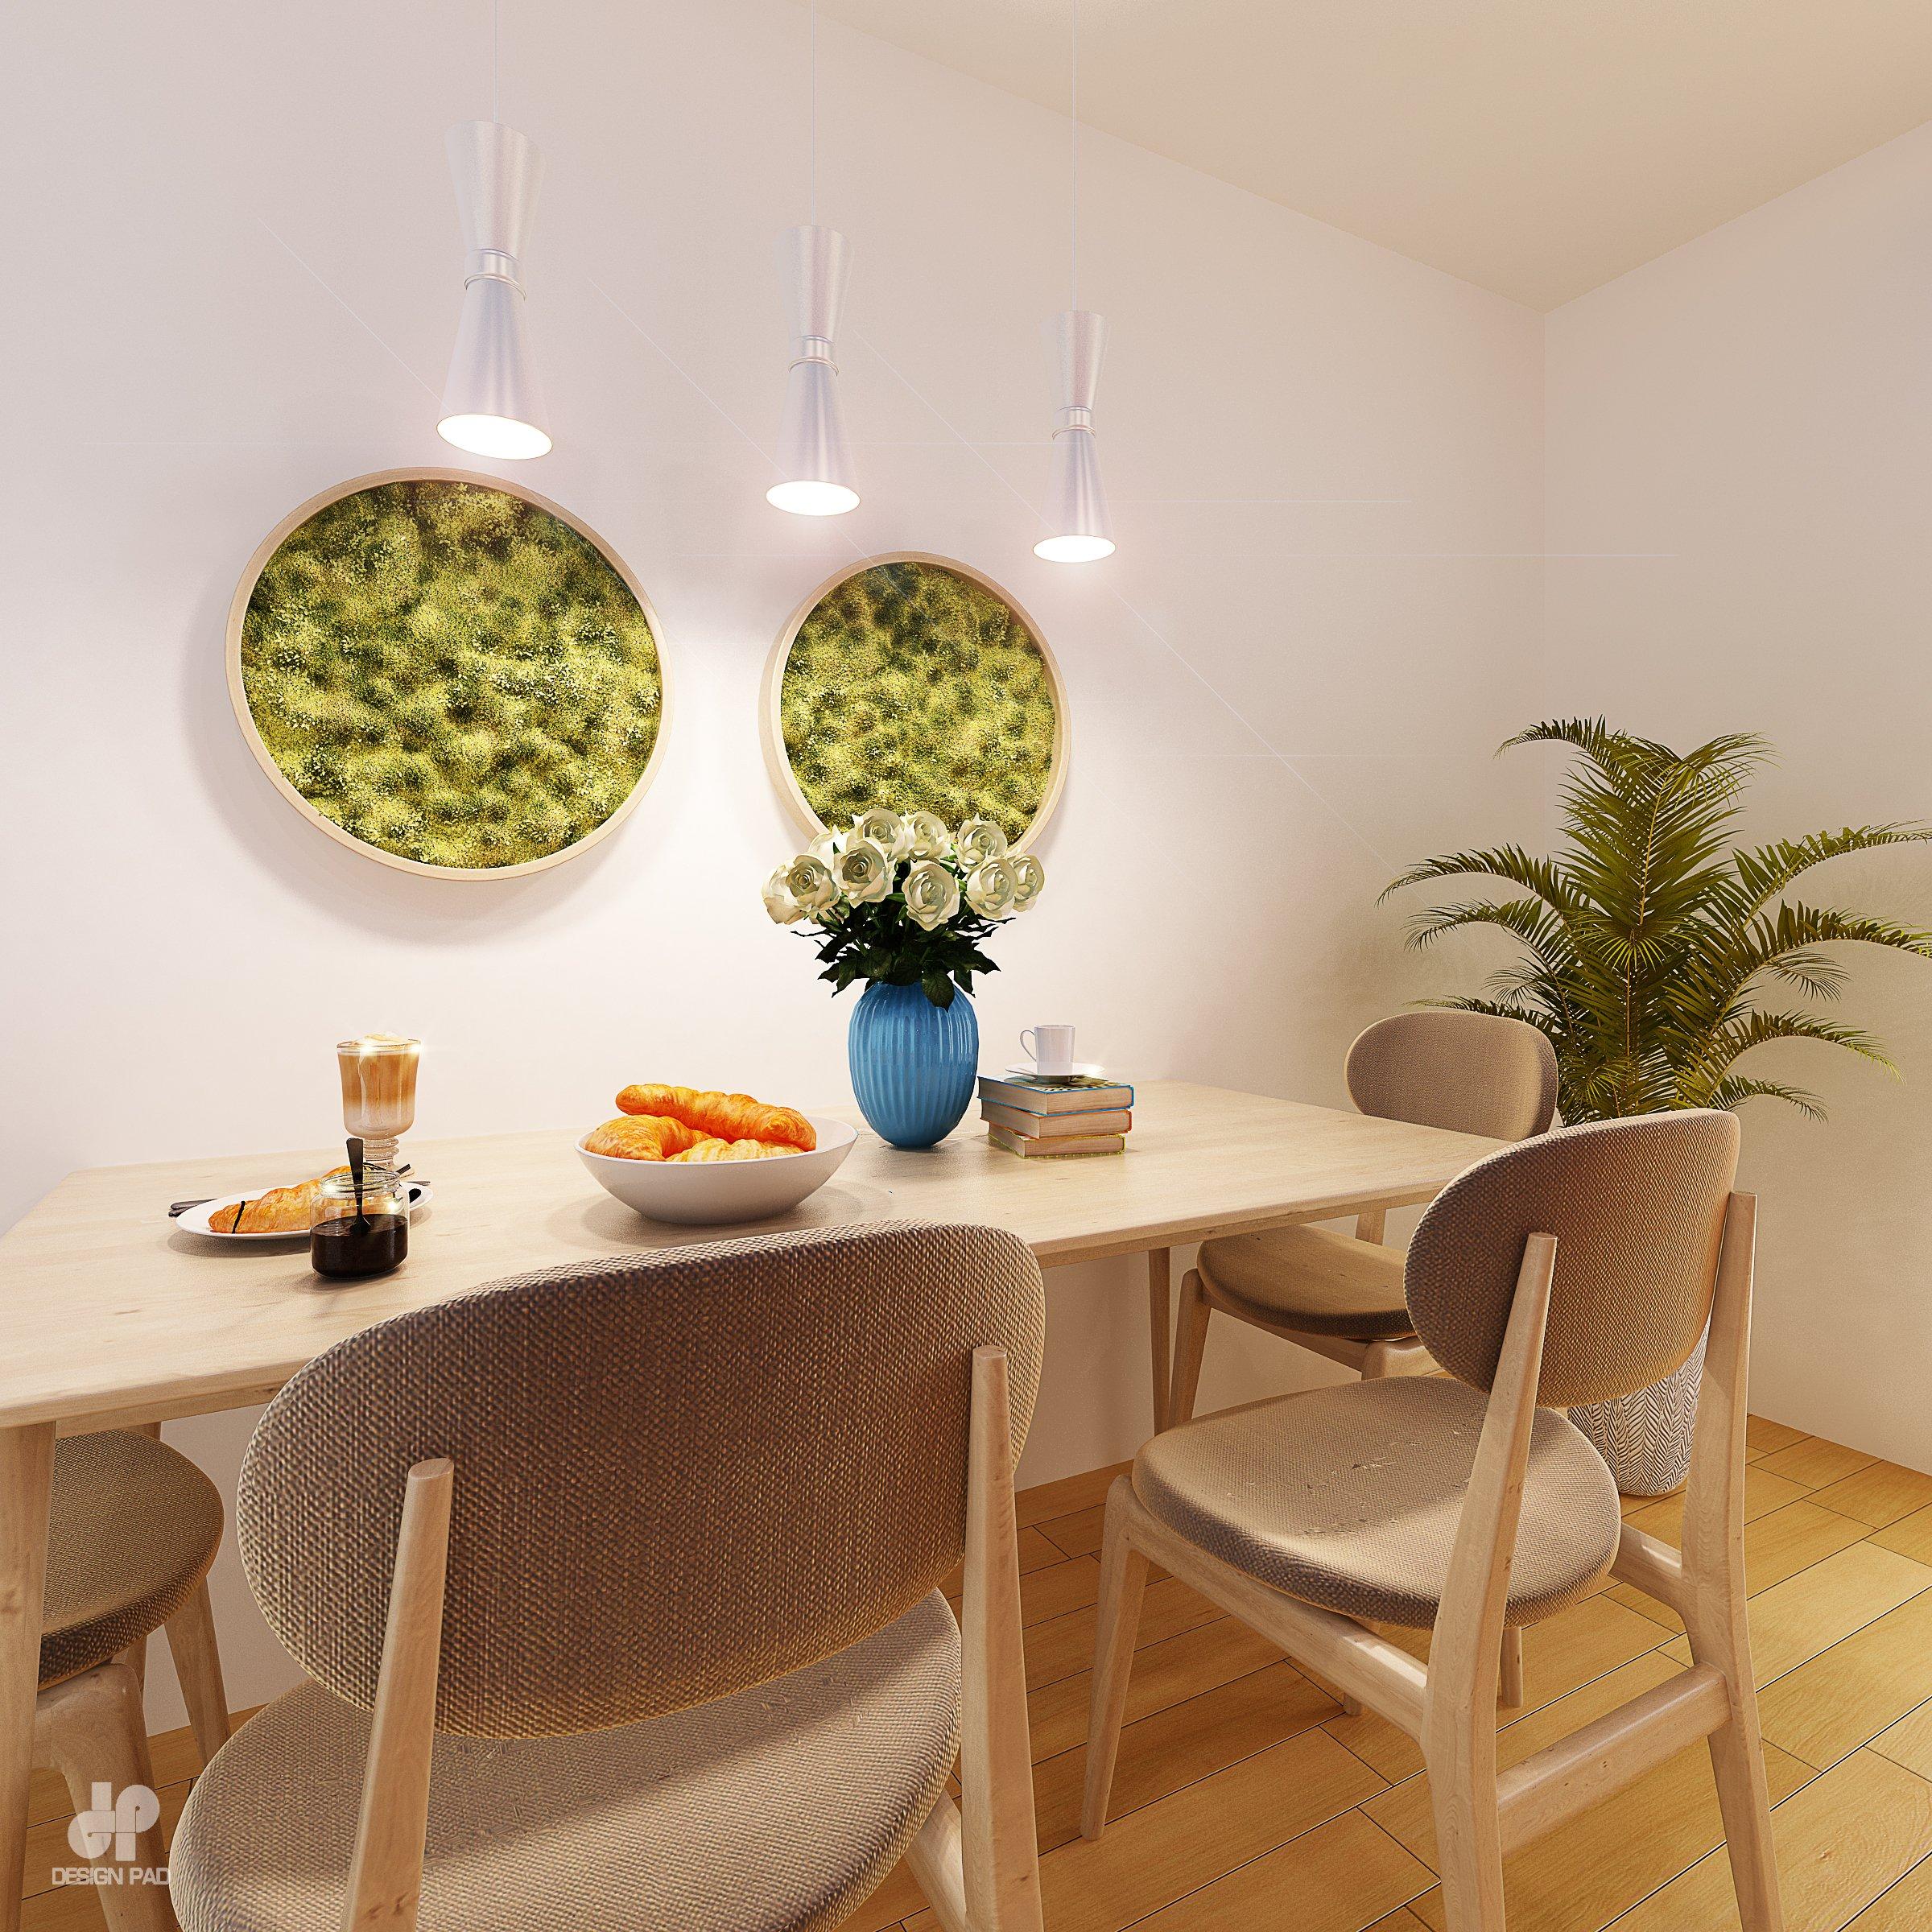 Thiết kế nội thất Nhà tại Hồ Chí Minh KITCHEN_ROOM 1630659228 6